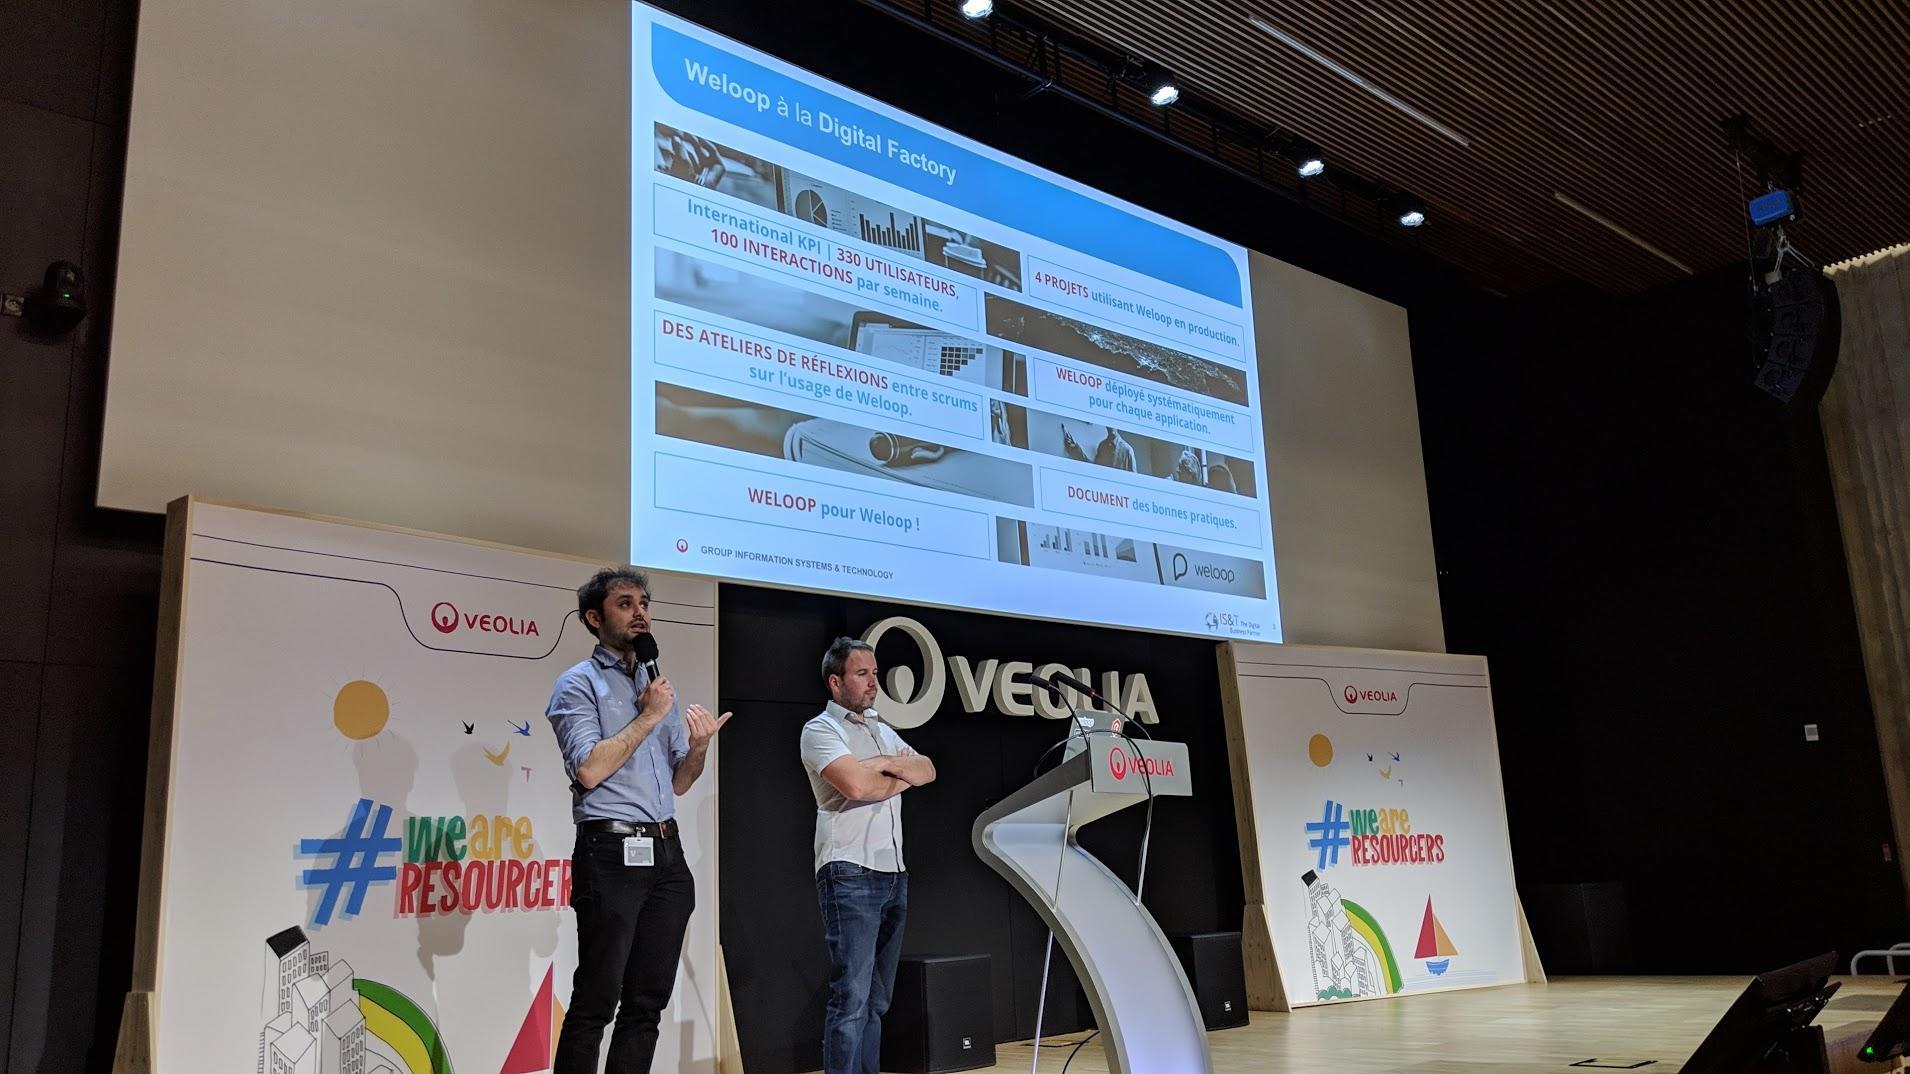 [Use Case] WeLoop, partenaire de la Transformation Digitale de Veolia